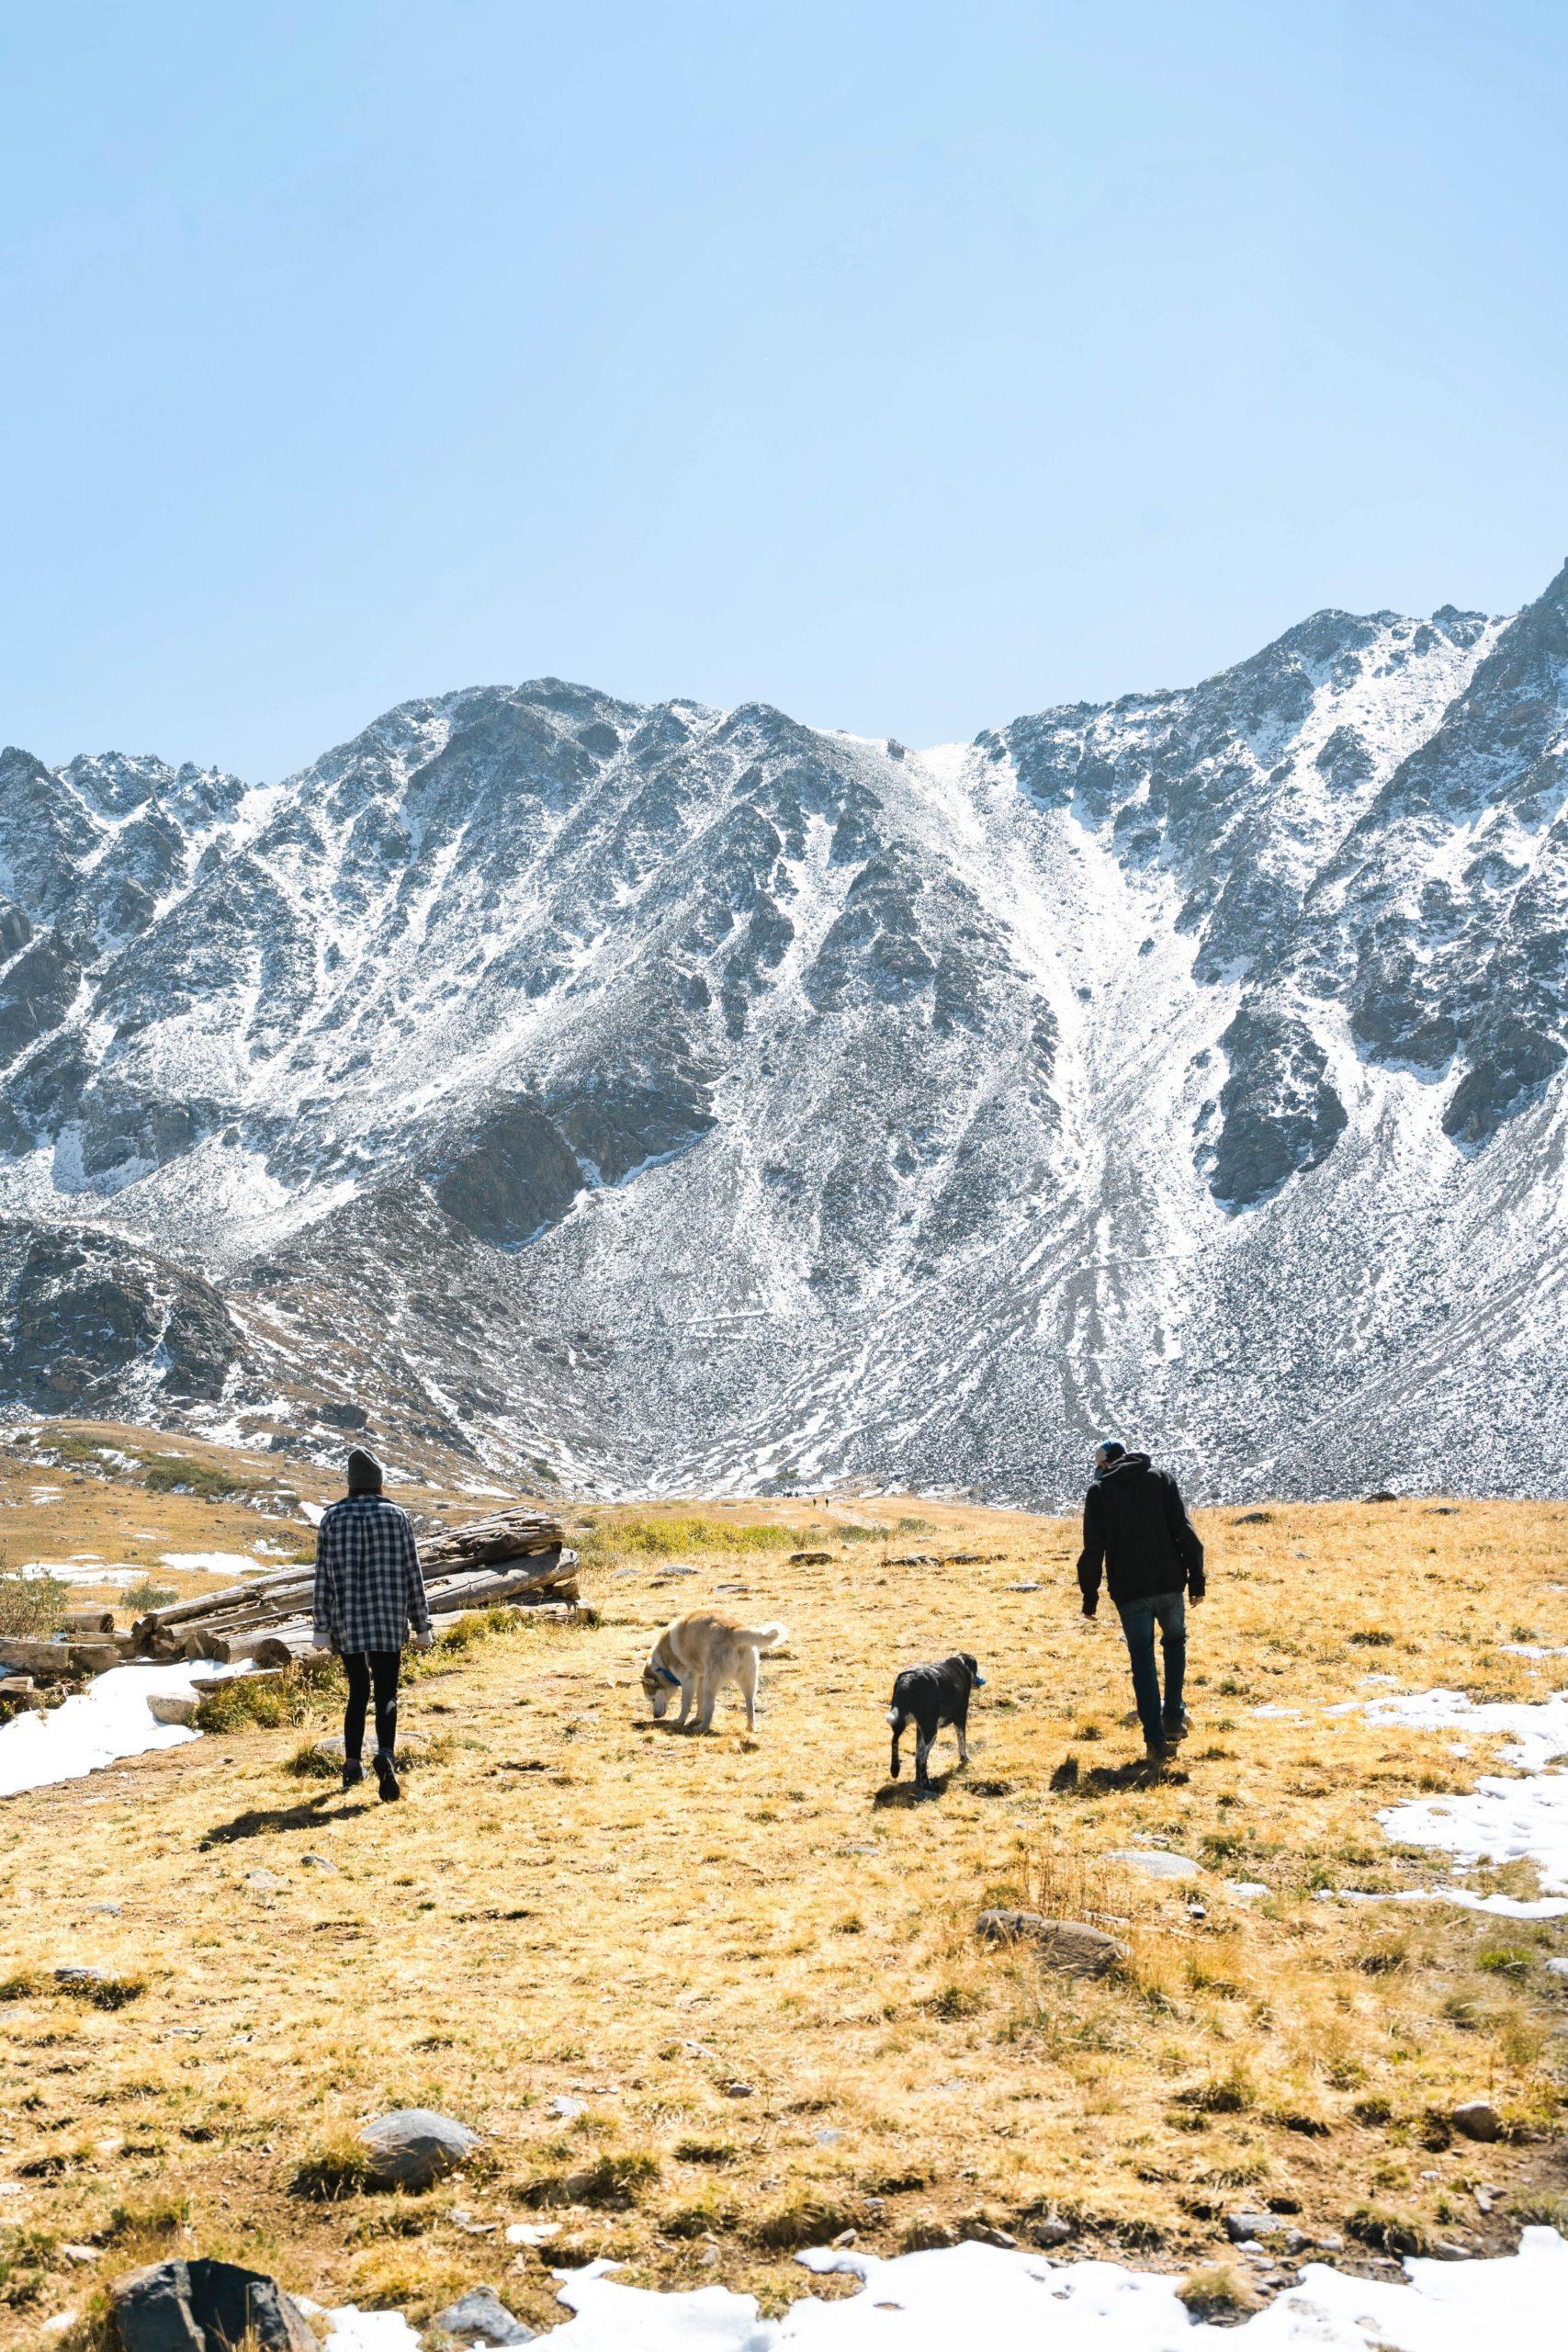 Reisen mit Hund - Landschaft und Menschen und Hunde